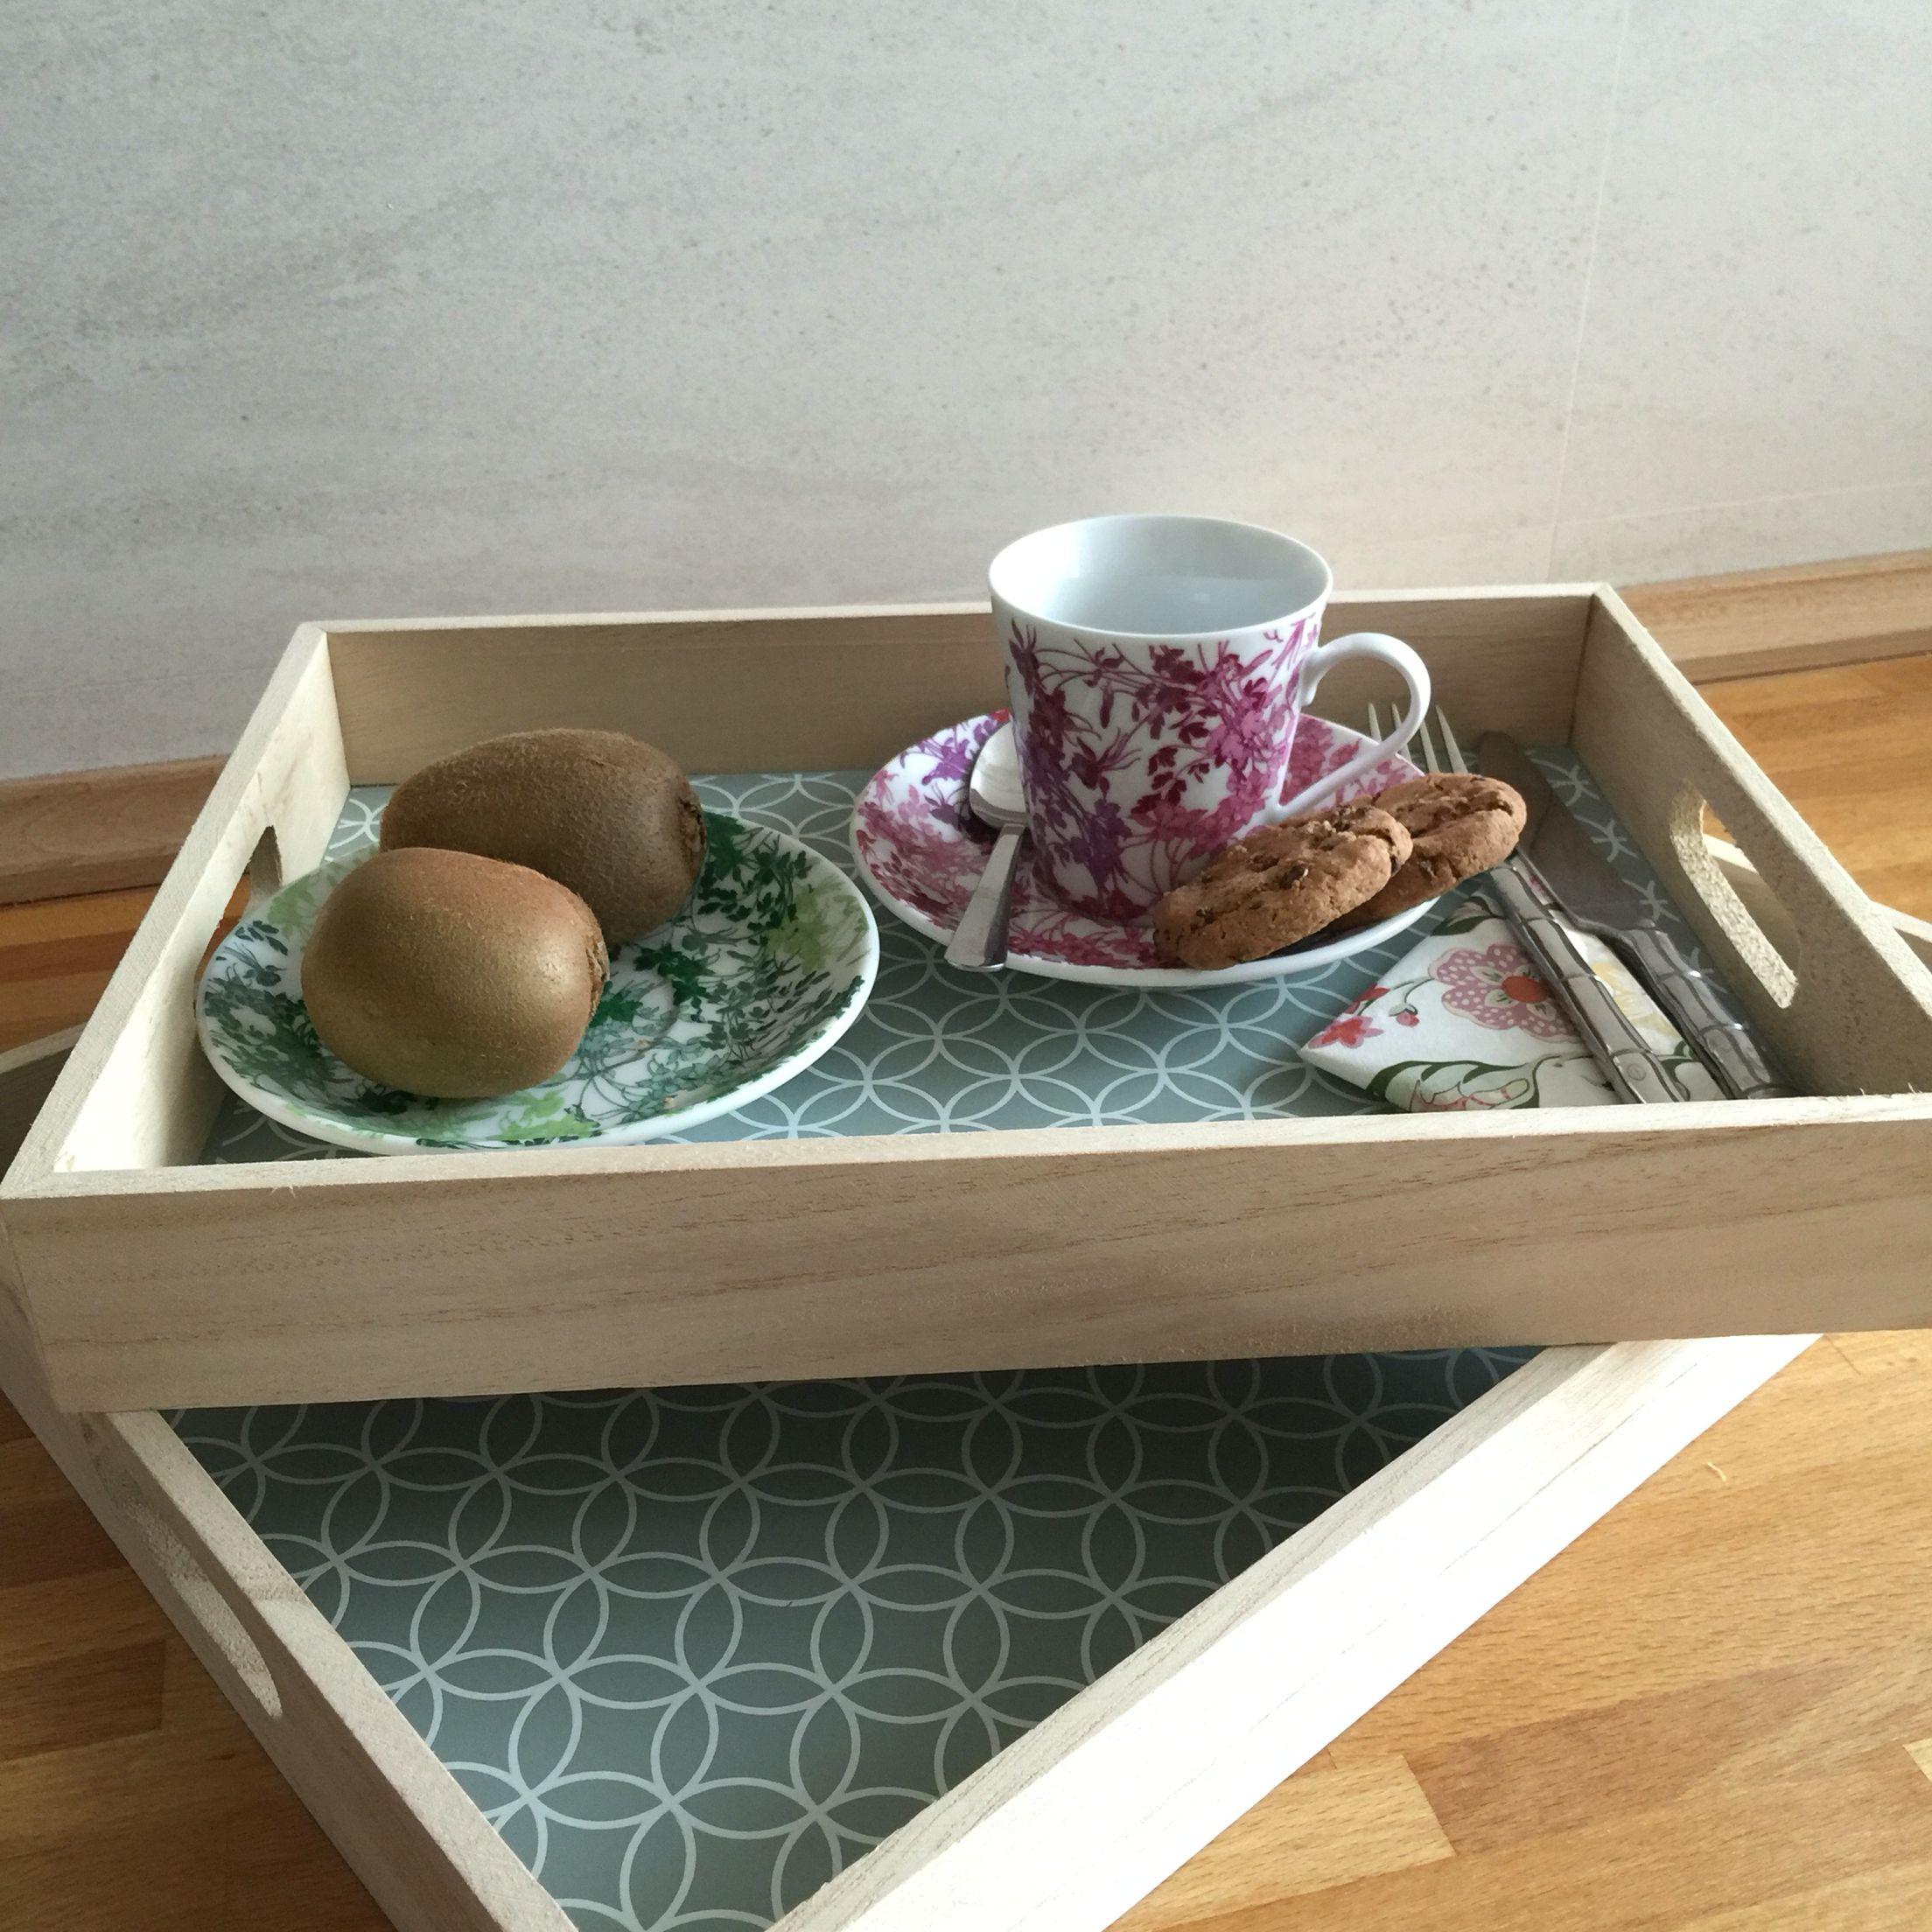 Bandeja estilo campestre para llevar el desayuno a la cama a la persona que m s quieres - Bandeja desayuno cama ...